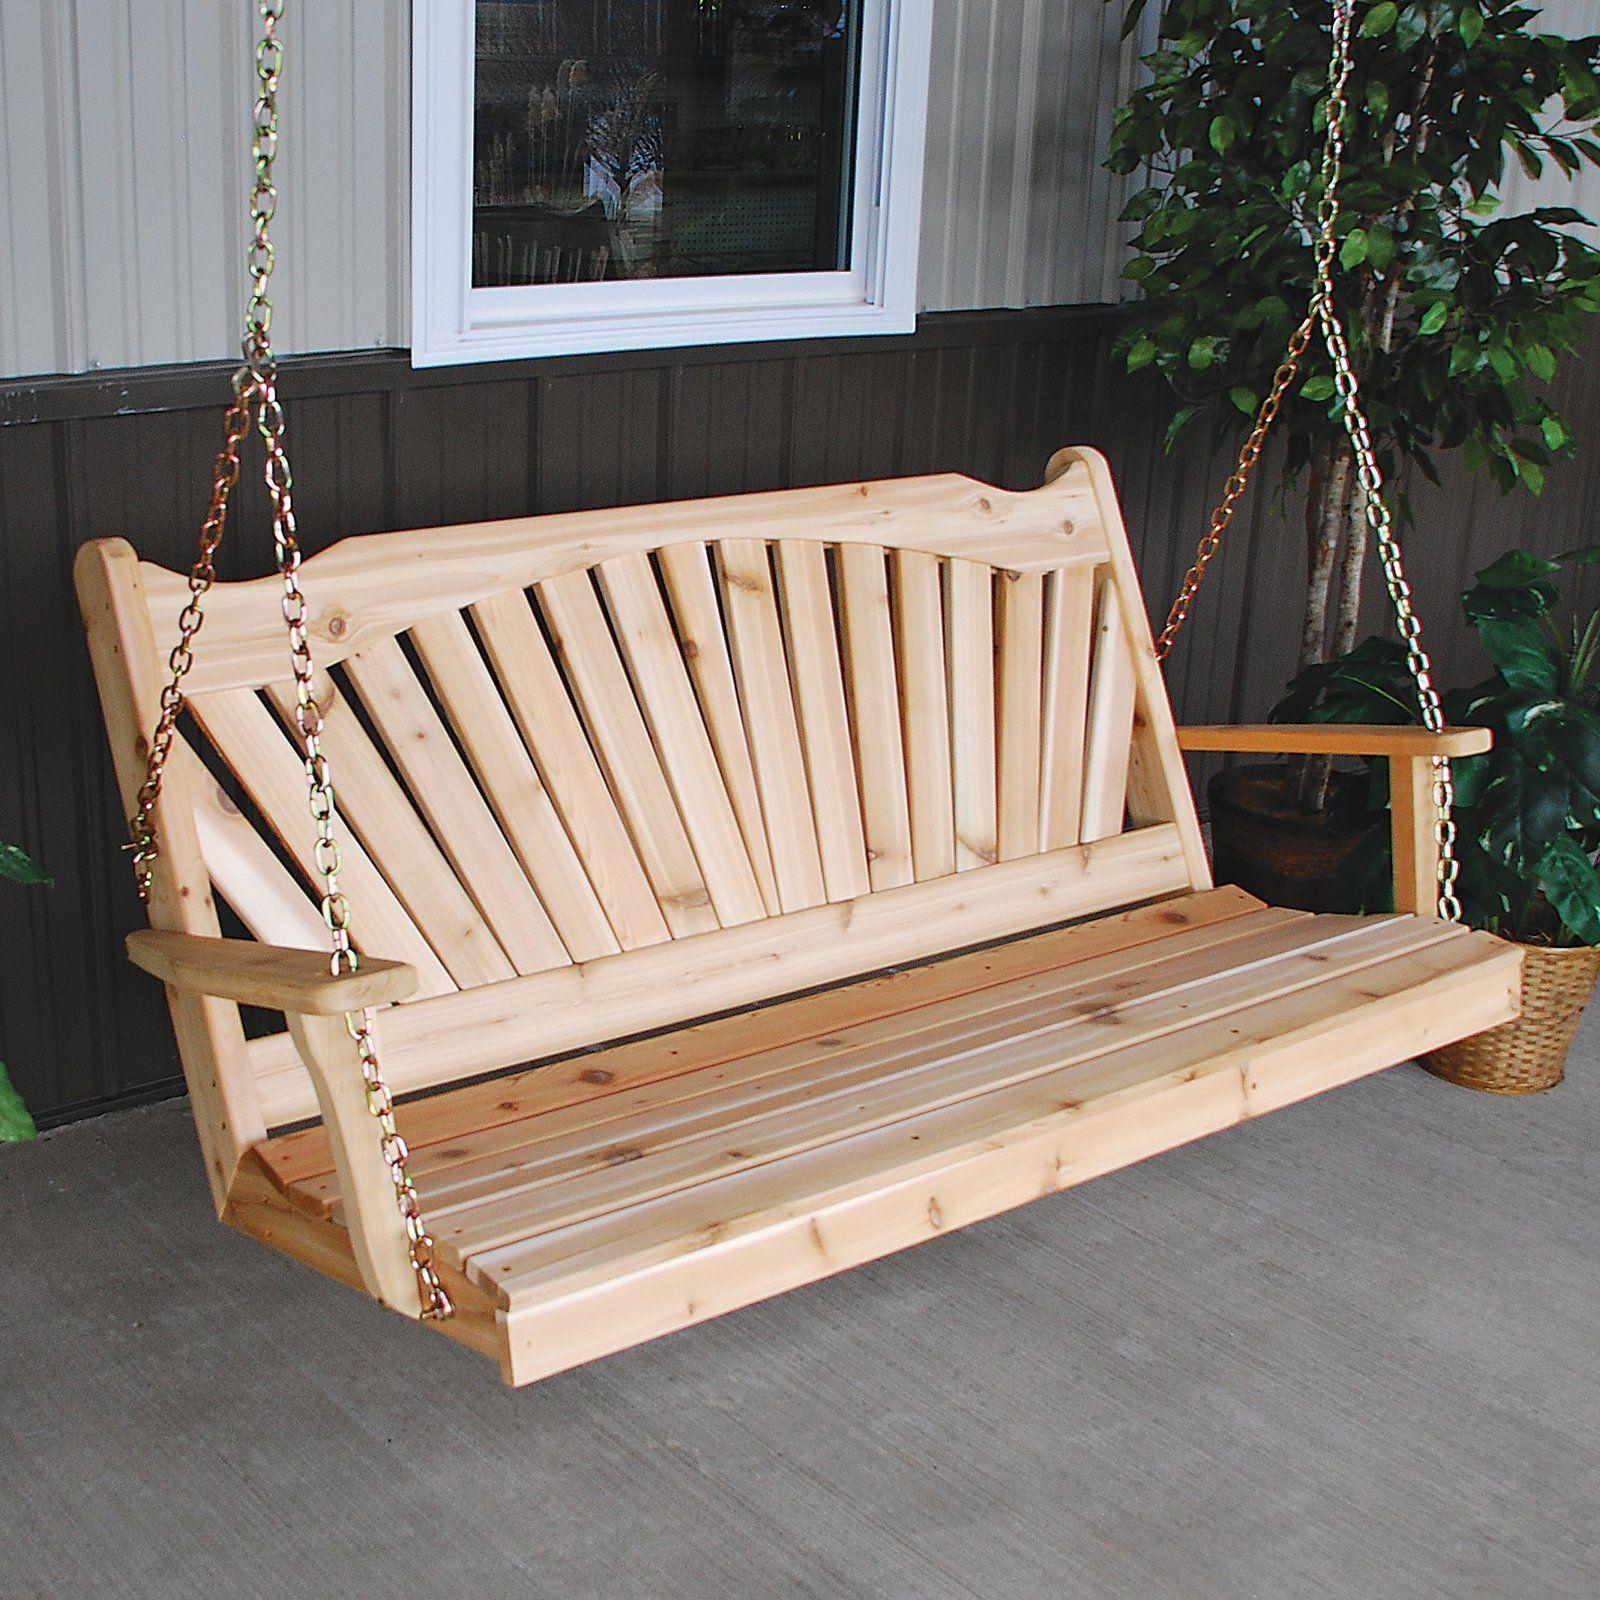 A Amp L Furniture Western Red Cedar Fanback Porch Swing